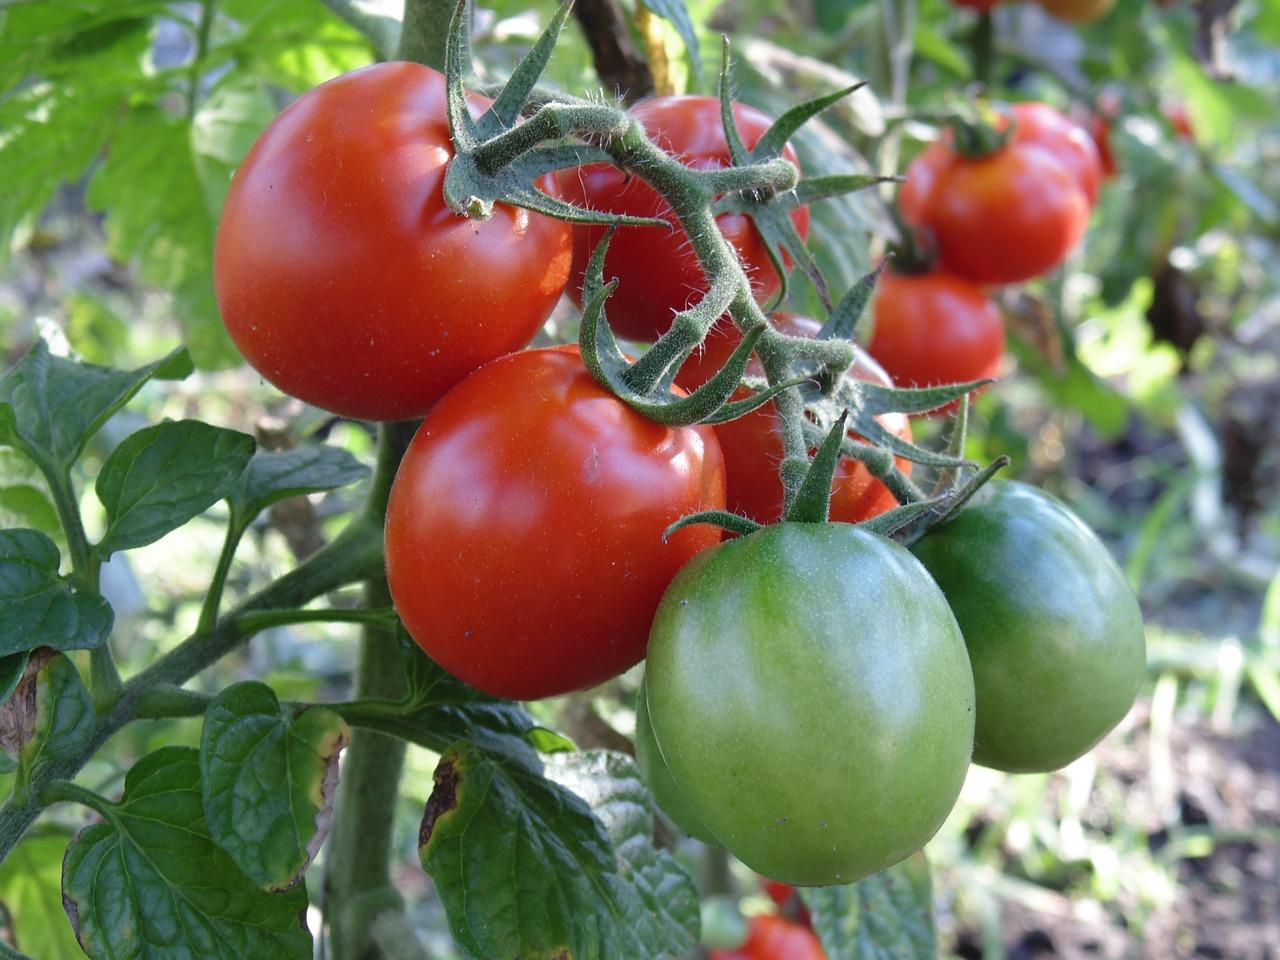 Какие растения необходимо посадить рядом с томатами?